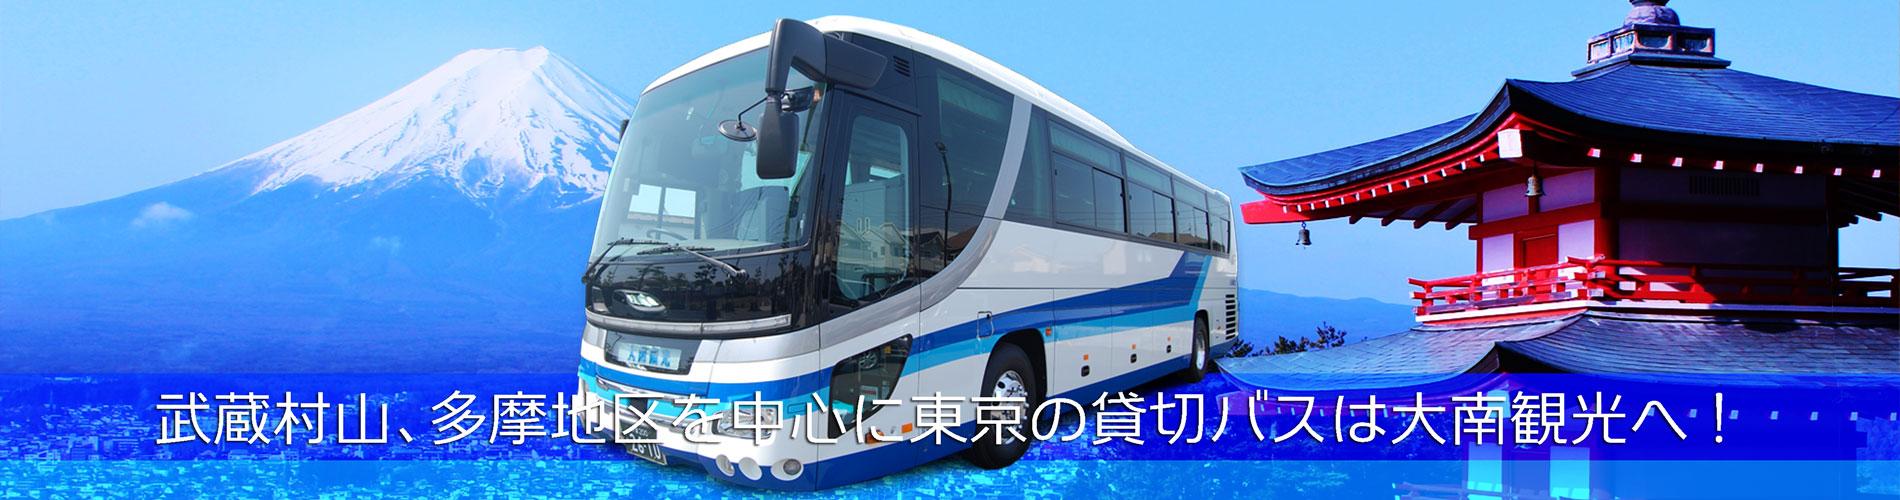 武蔵村山、西東京からのバス旅行は大南観光へ